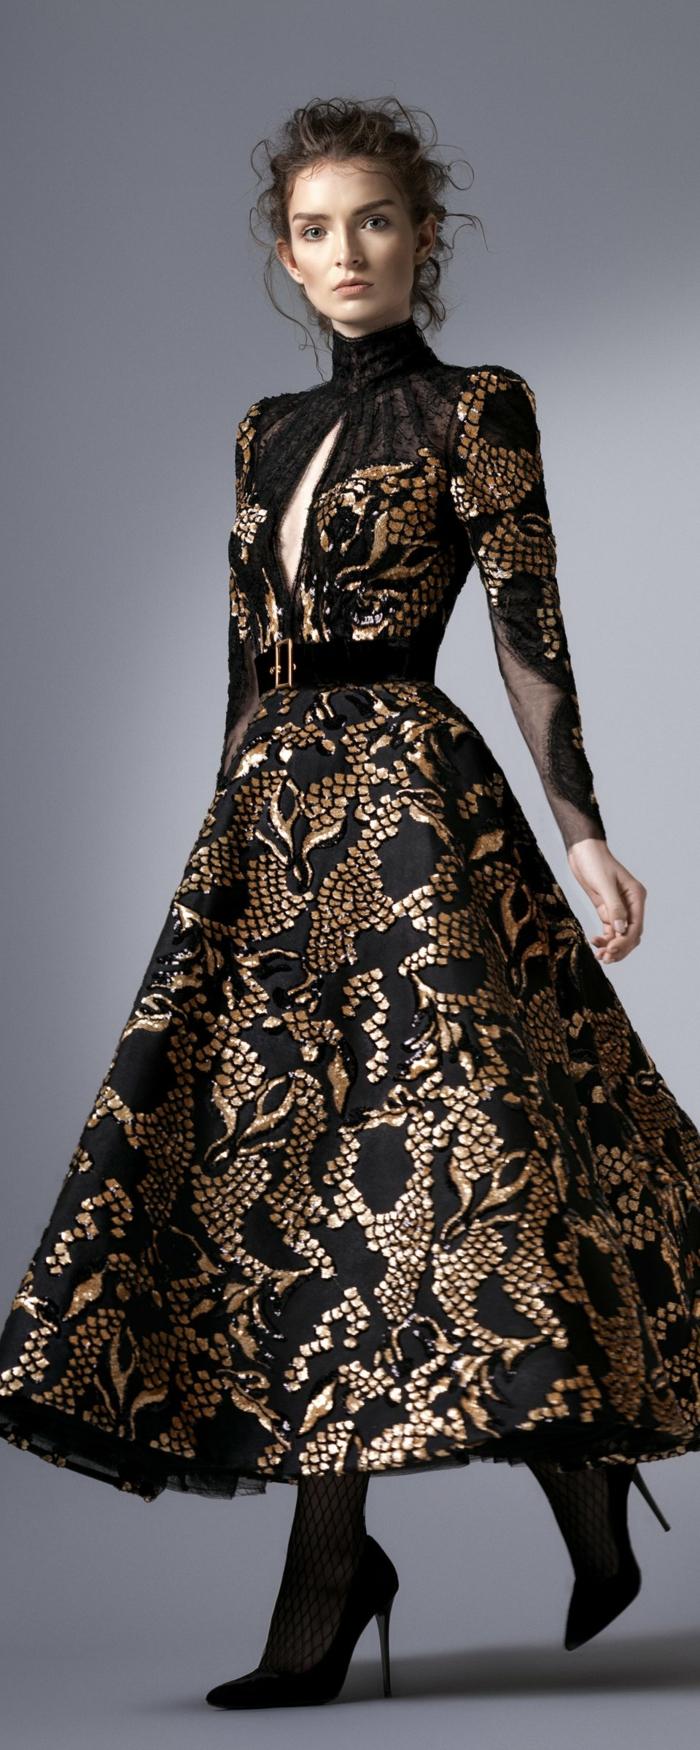 elegante Damenmode - langes Kleid in Schwarz und Goldfarbe mit einem Semtgürtel mit goldenem Verschluss, Pollokragen und offen an der Brust, lässige Hochsteckfrisur für lockiges Haar, Netzstrumpfhose und schwarze Absatzschuhe